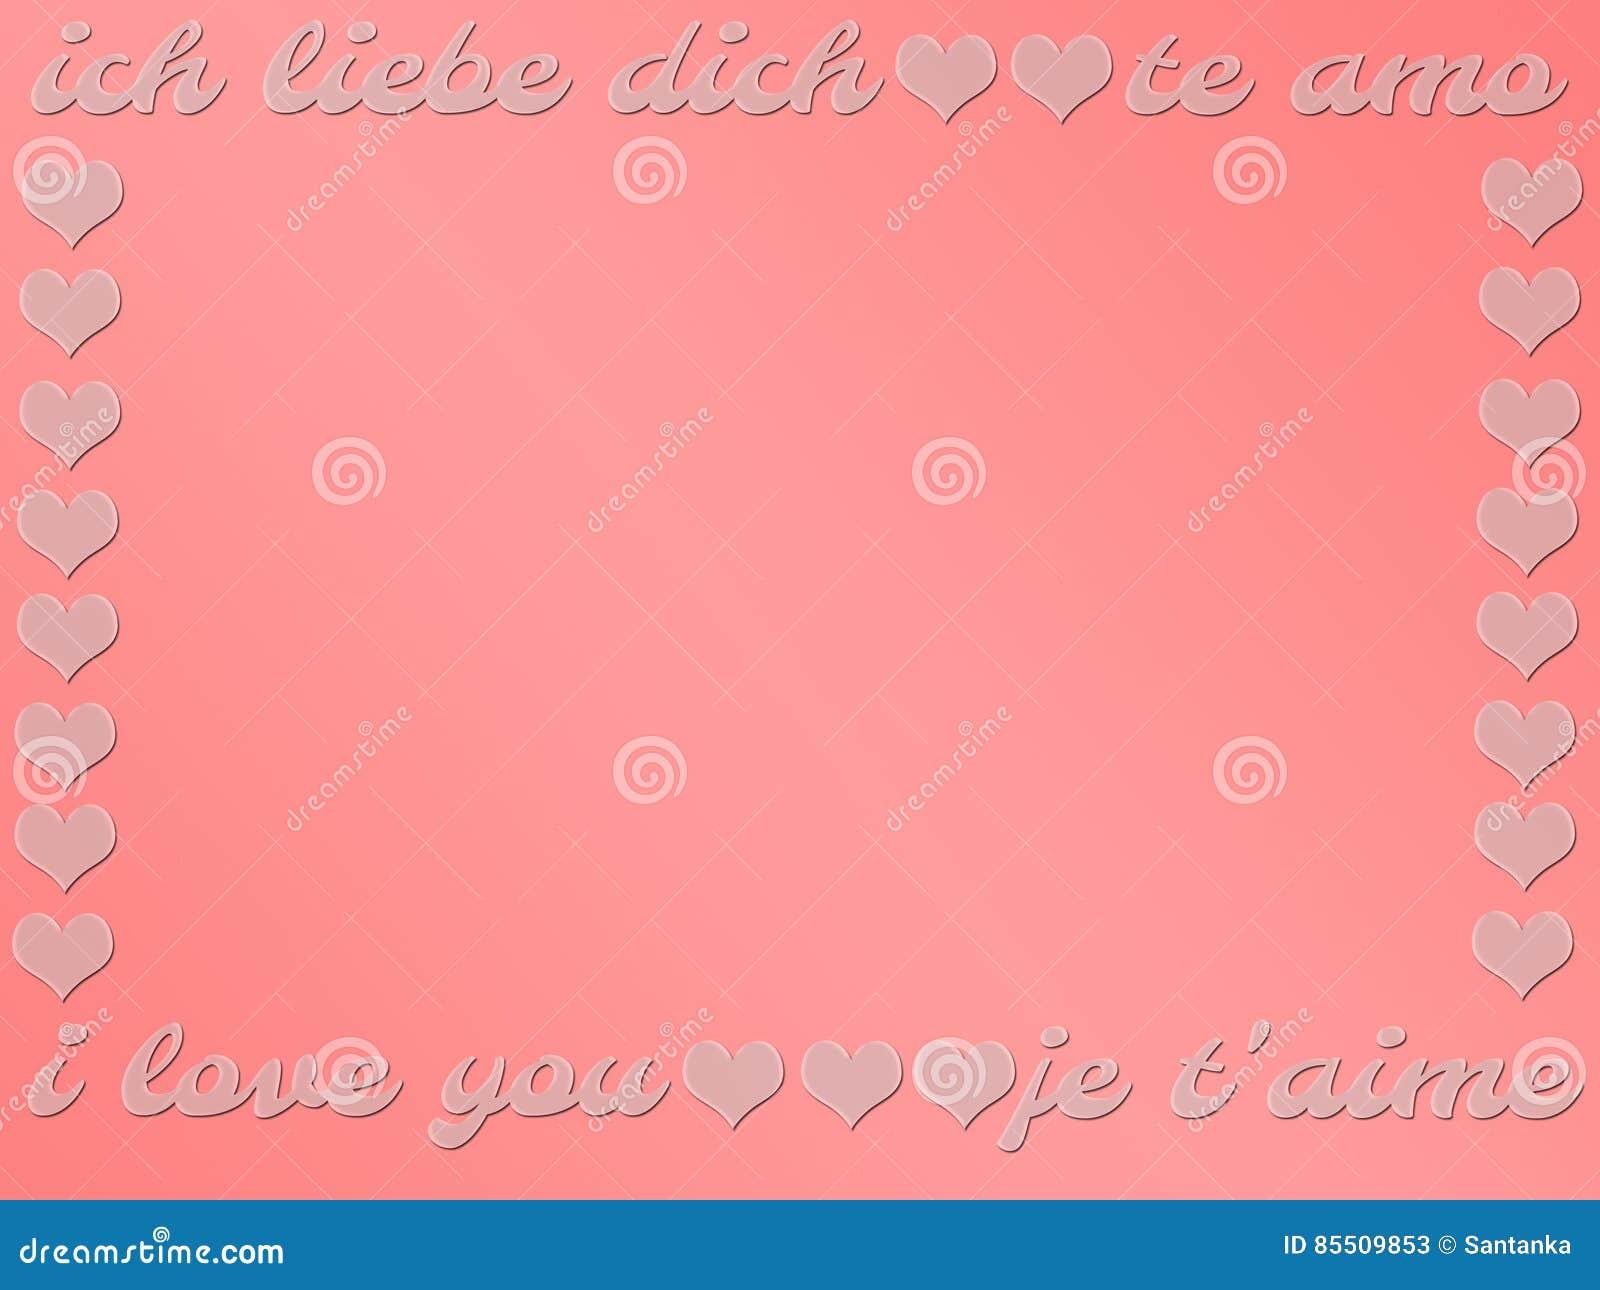 Carte Cadeau En Anglais.Carte Cadeaux D Amour Jour Du S De Valentine Mots Je T Aime